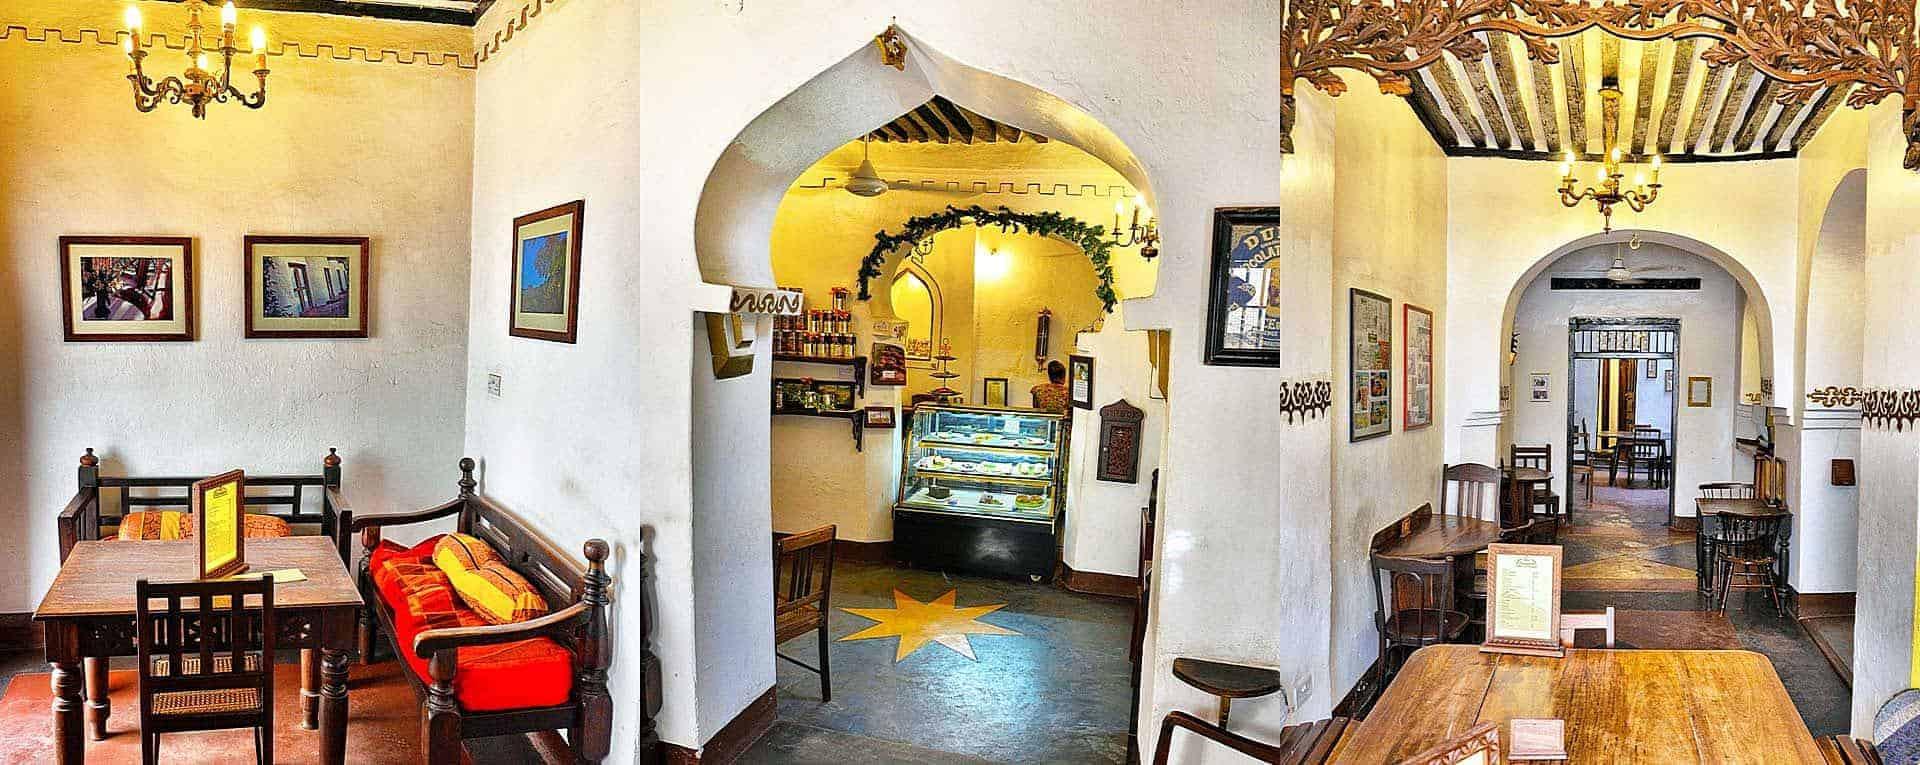 zanzibarcoffeehouse2